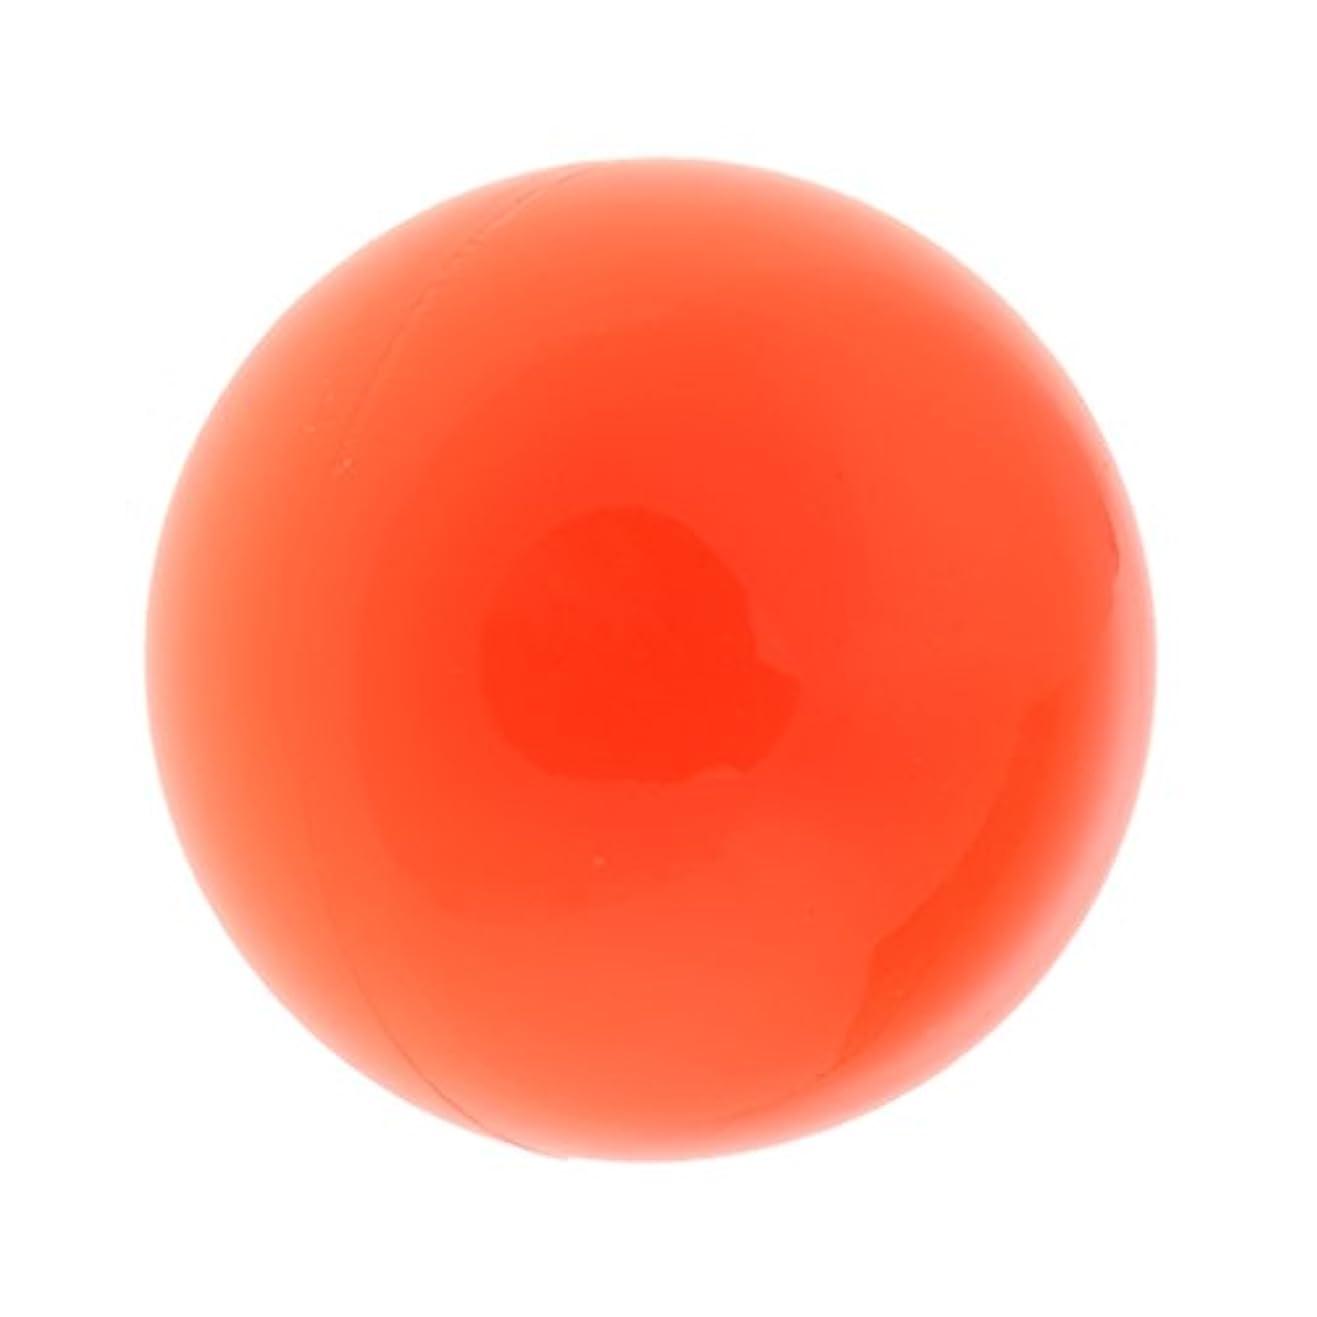 メーターひばり野菜マッサージボール エコフレンドリーPVC 74mm マッサージ ポイントマッサージ ボール ソフト トレーニング